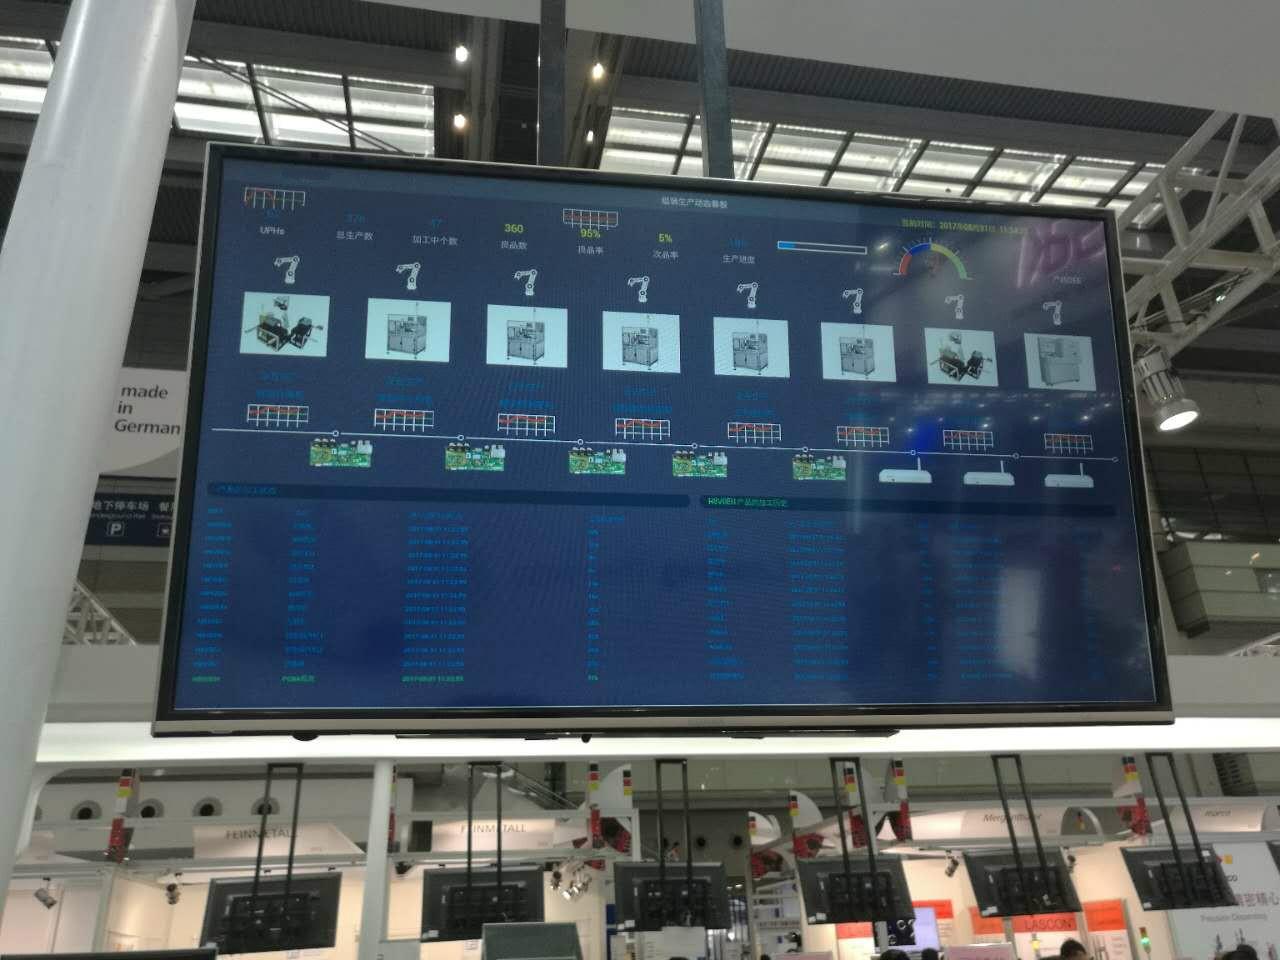 智能电子看板管理---掌控生产现场助力智能制造